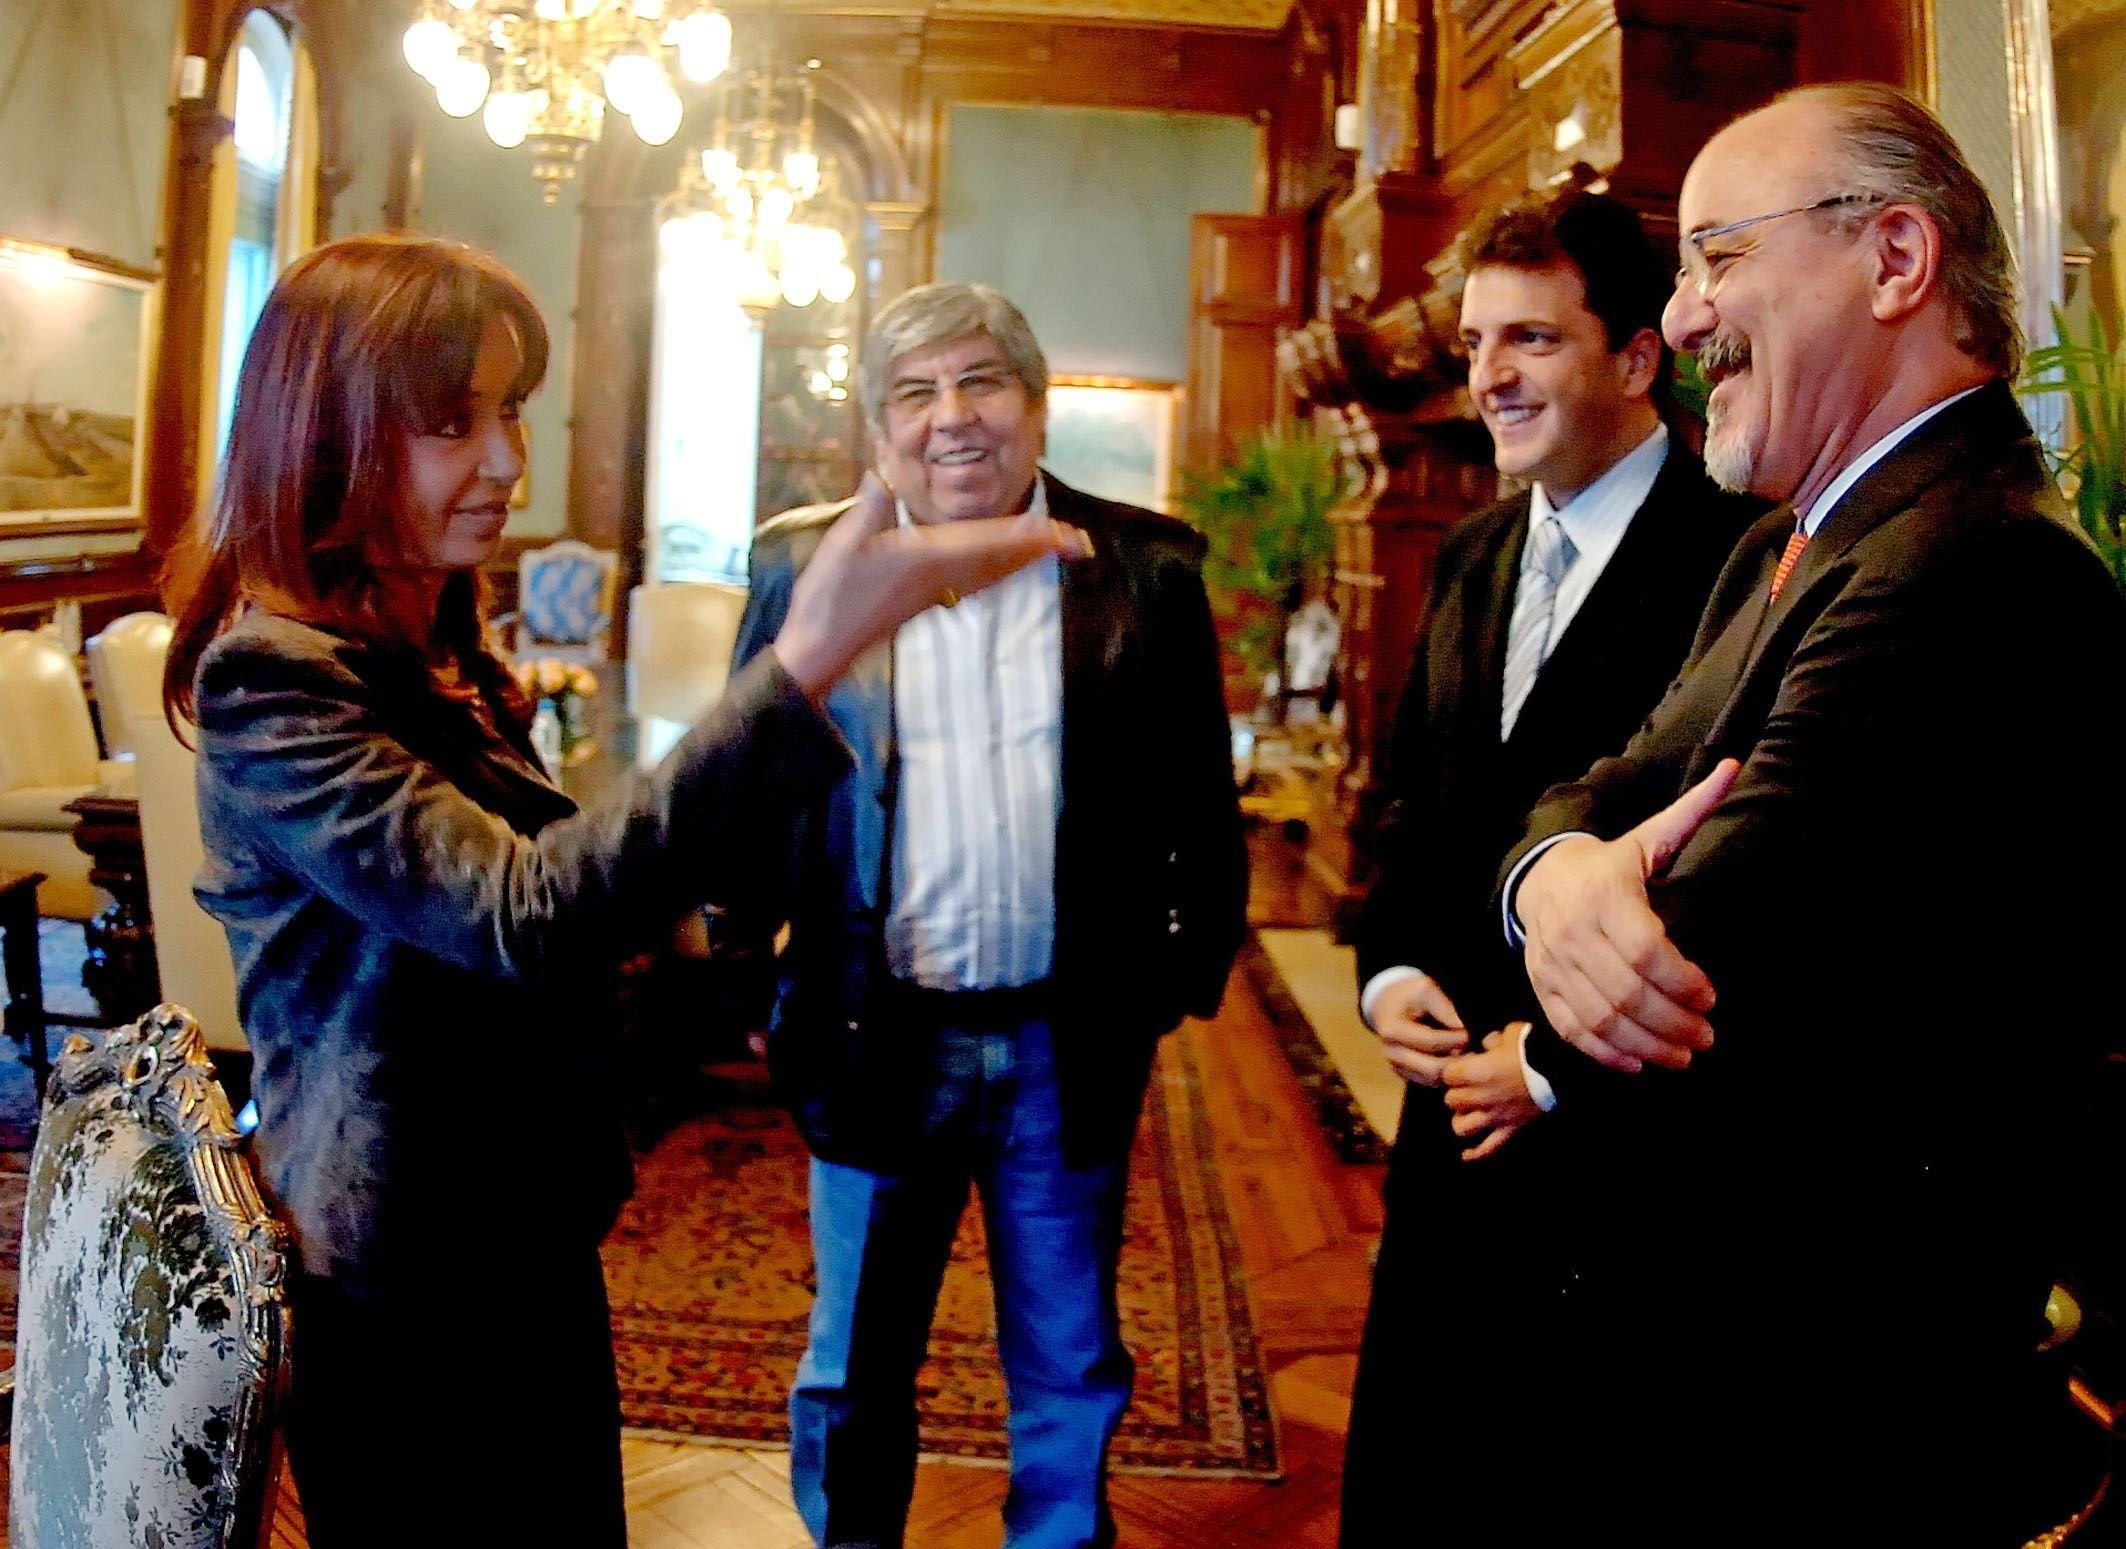 La Presidenta Cristina Kirchner, en su despacho, mantiene un diálogo con Hugo Moyano, Sergio Massa, cuando era jefe de Gabinete y Carlos Tomada, ministro de Trabajo. Epocas en las que todos estaban en el mismo proyecto.